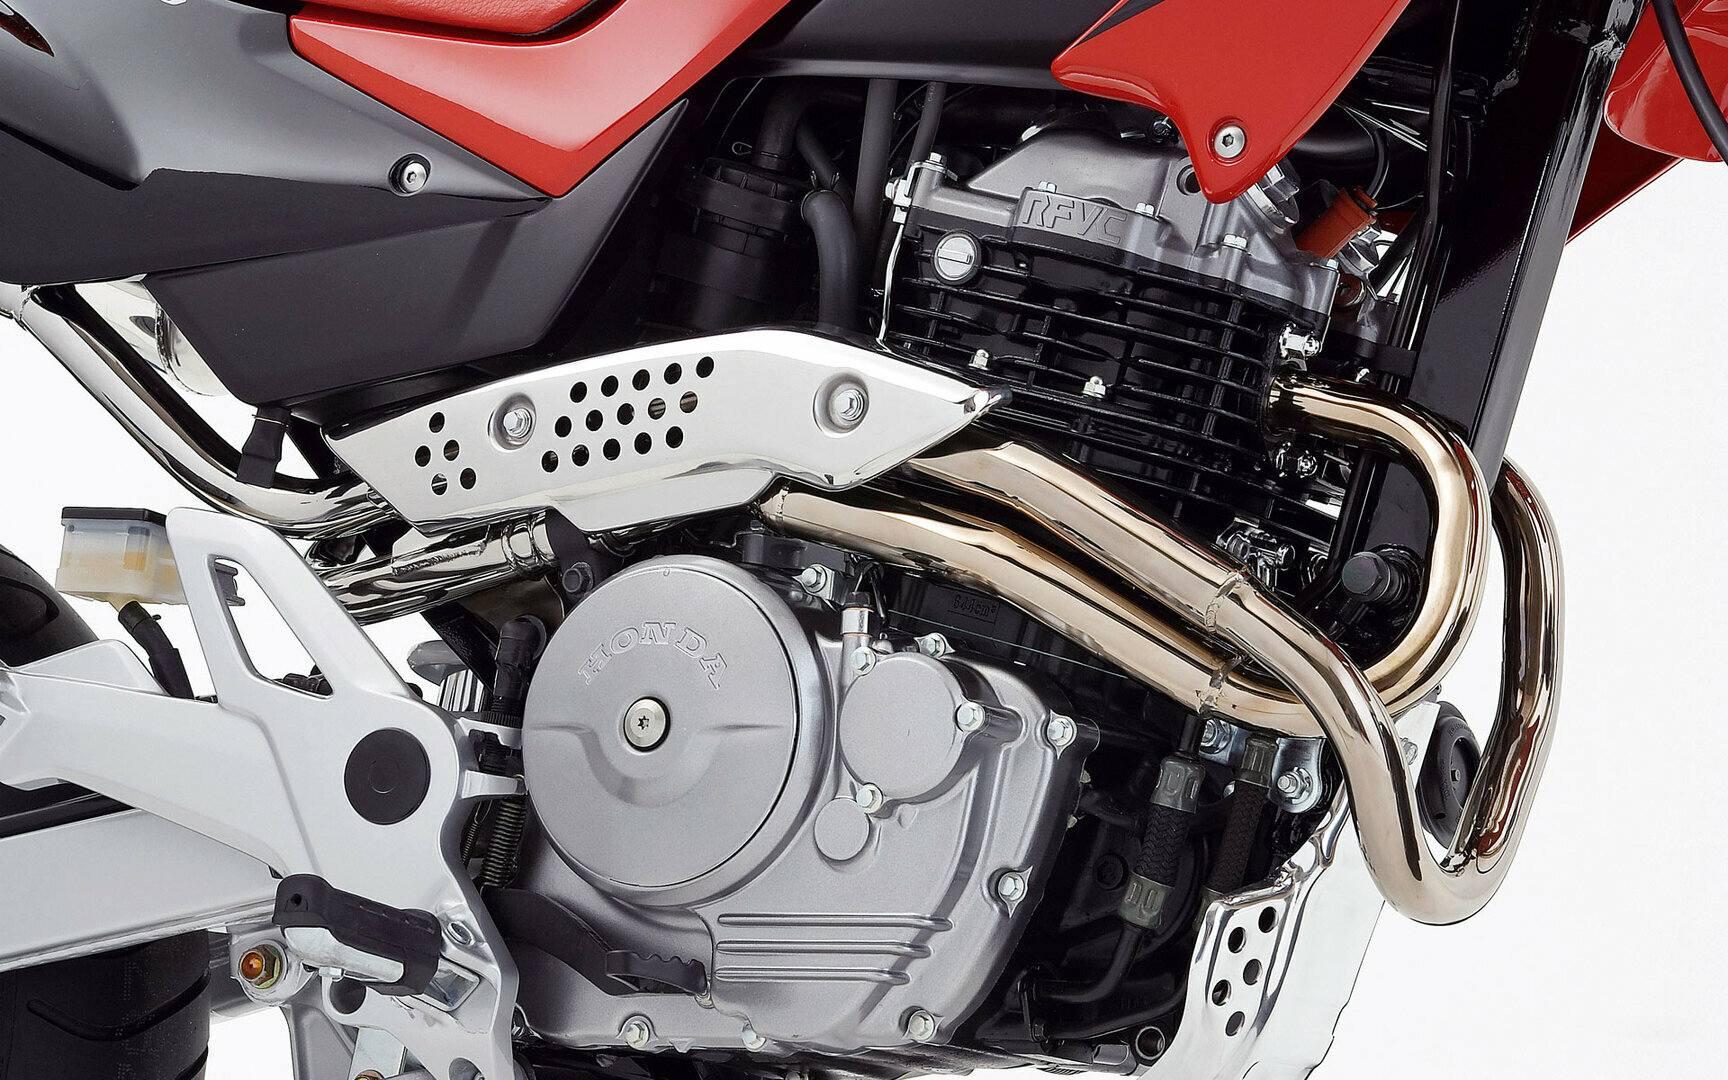 Honda FMX 650 6